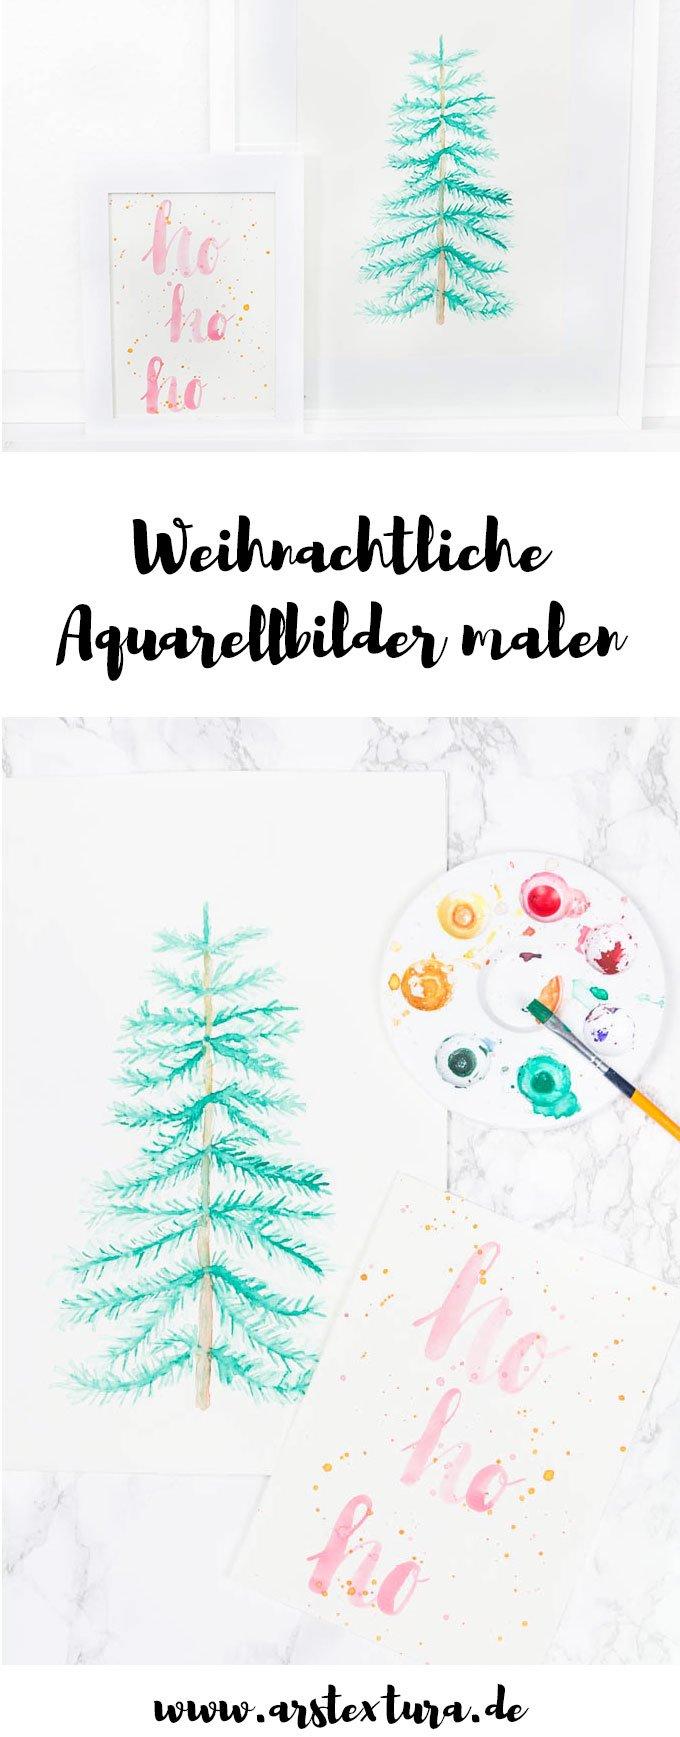 DIY weihnachtliche Aquarellbilder malen | ars textura DIY Blog